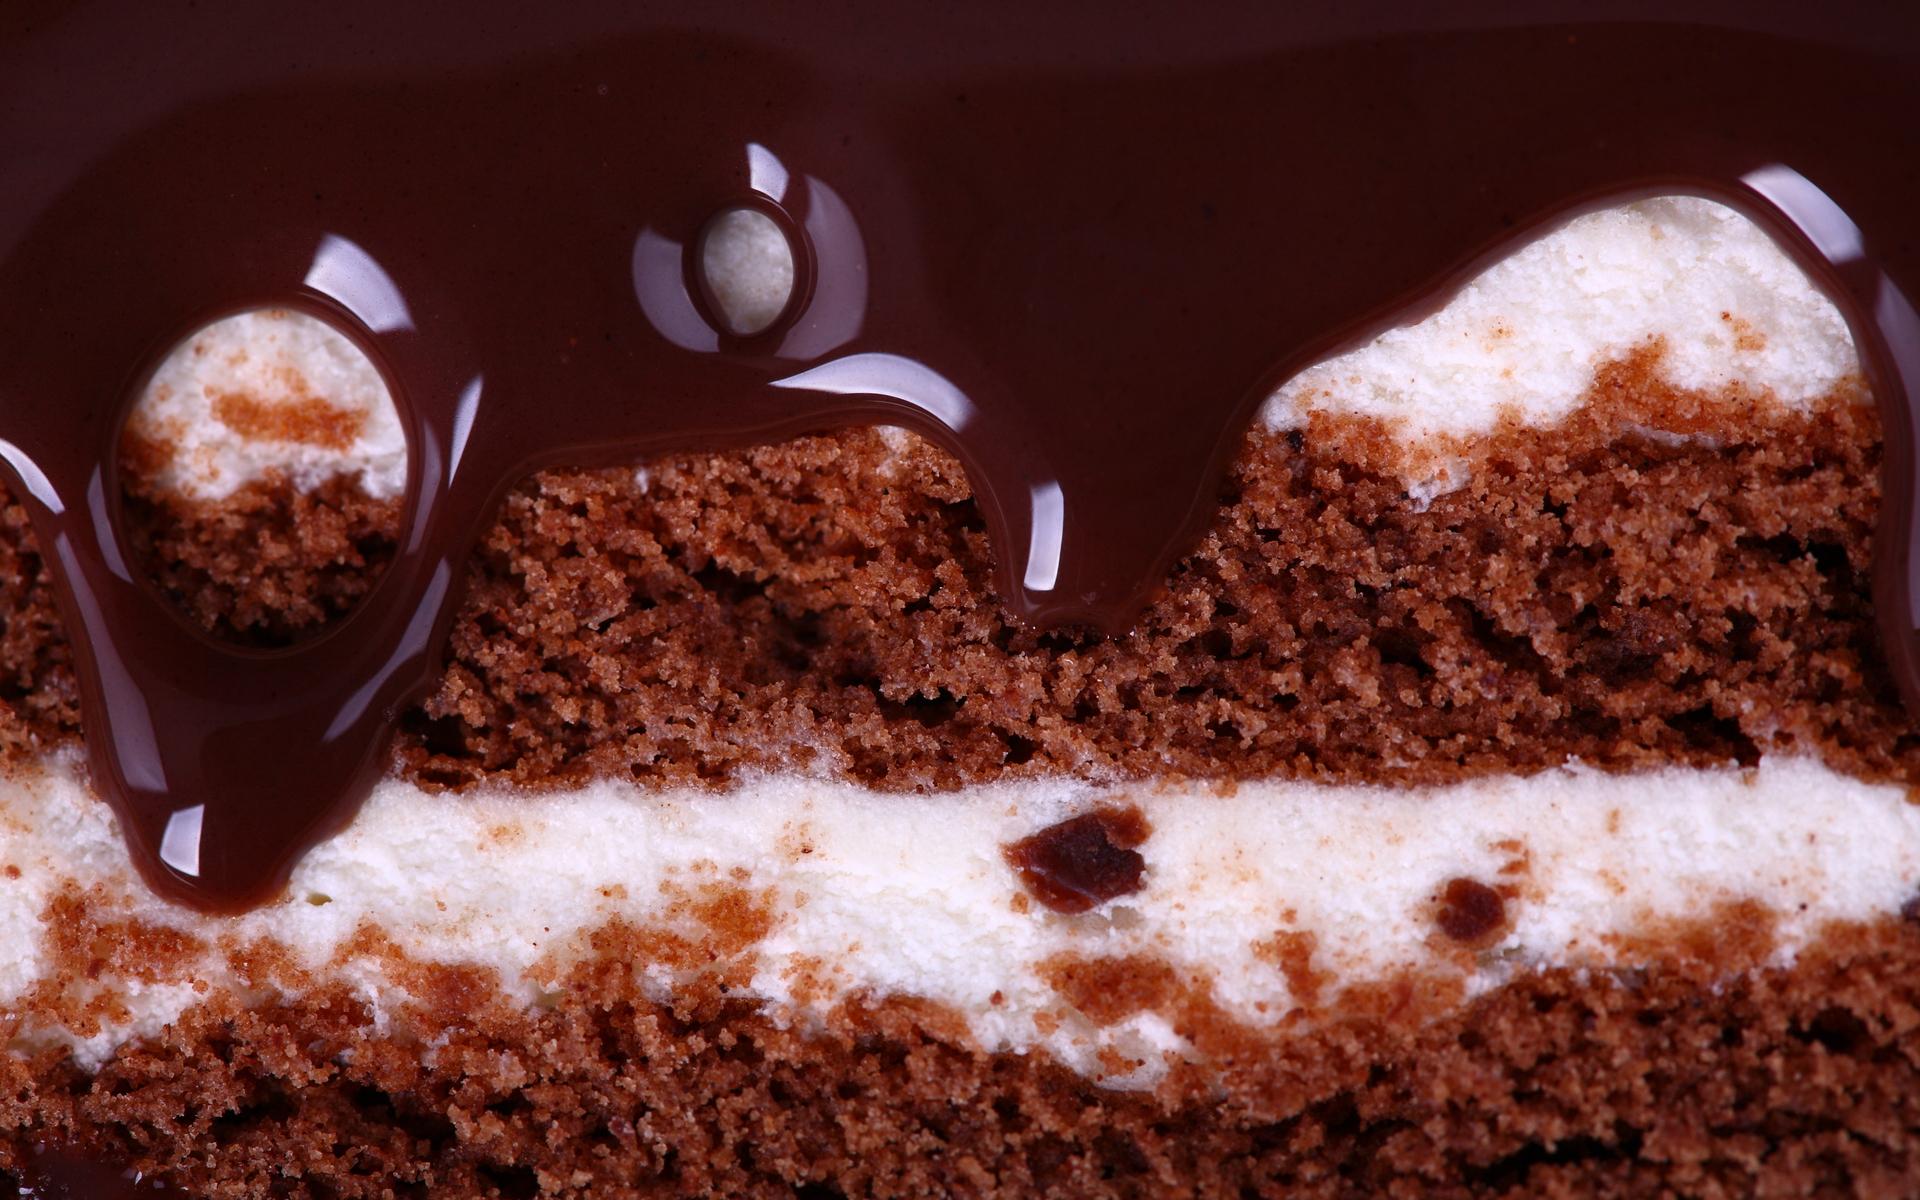 шоколадное пироженное, торт, скачать фото, обои для рабочего стола